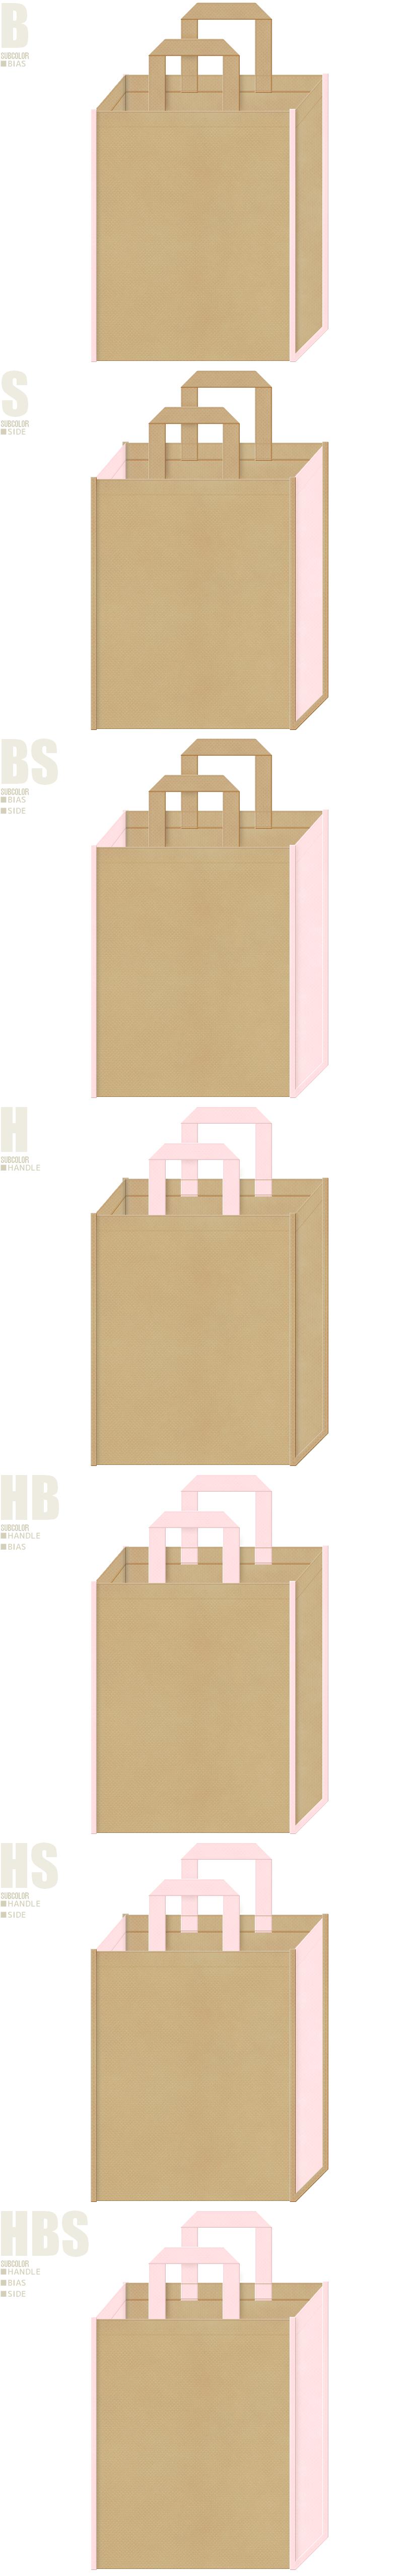 カーキ色と桜色、7パターンの不織布トートバッグ配色デザイン例。girlyな不織布バッグにお奨めです。